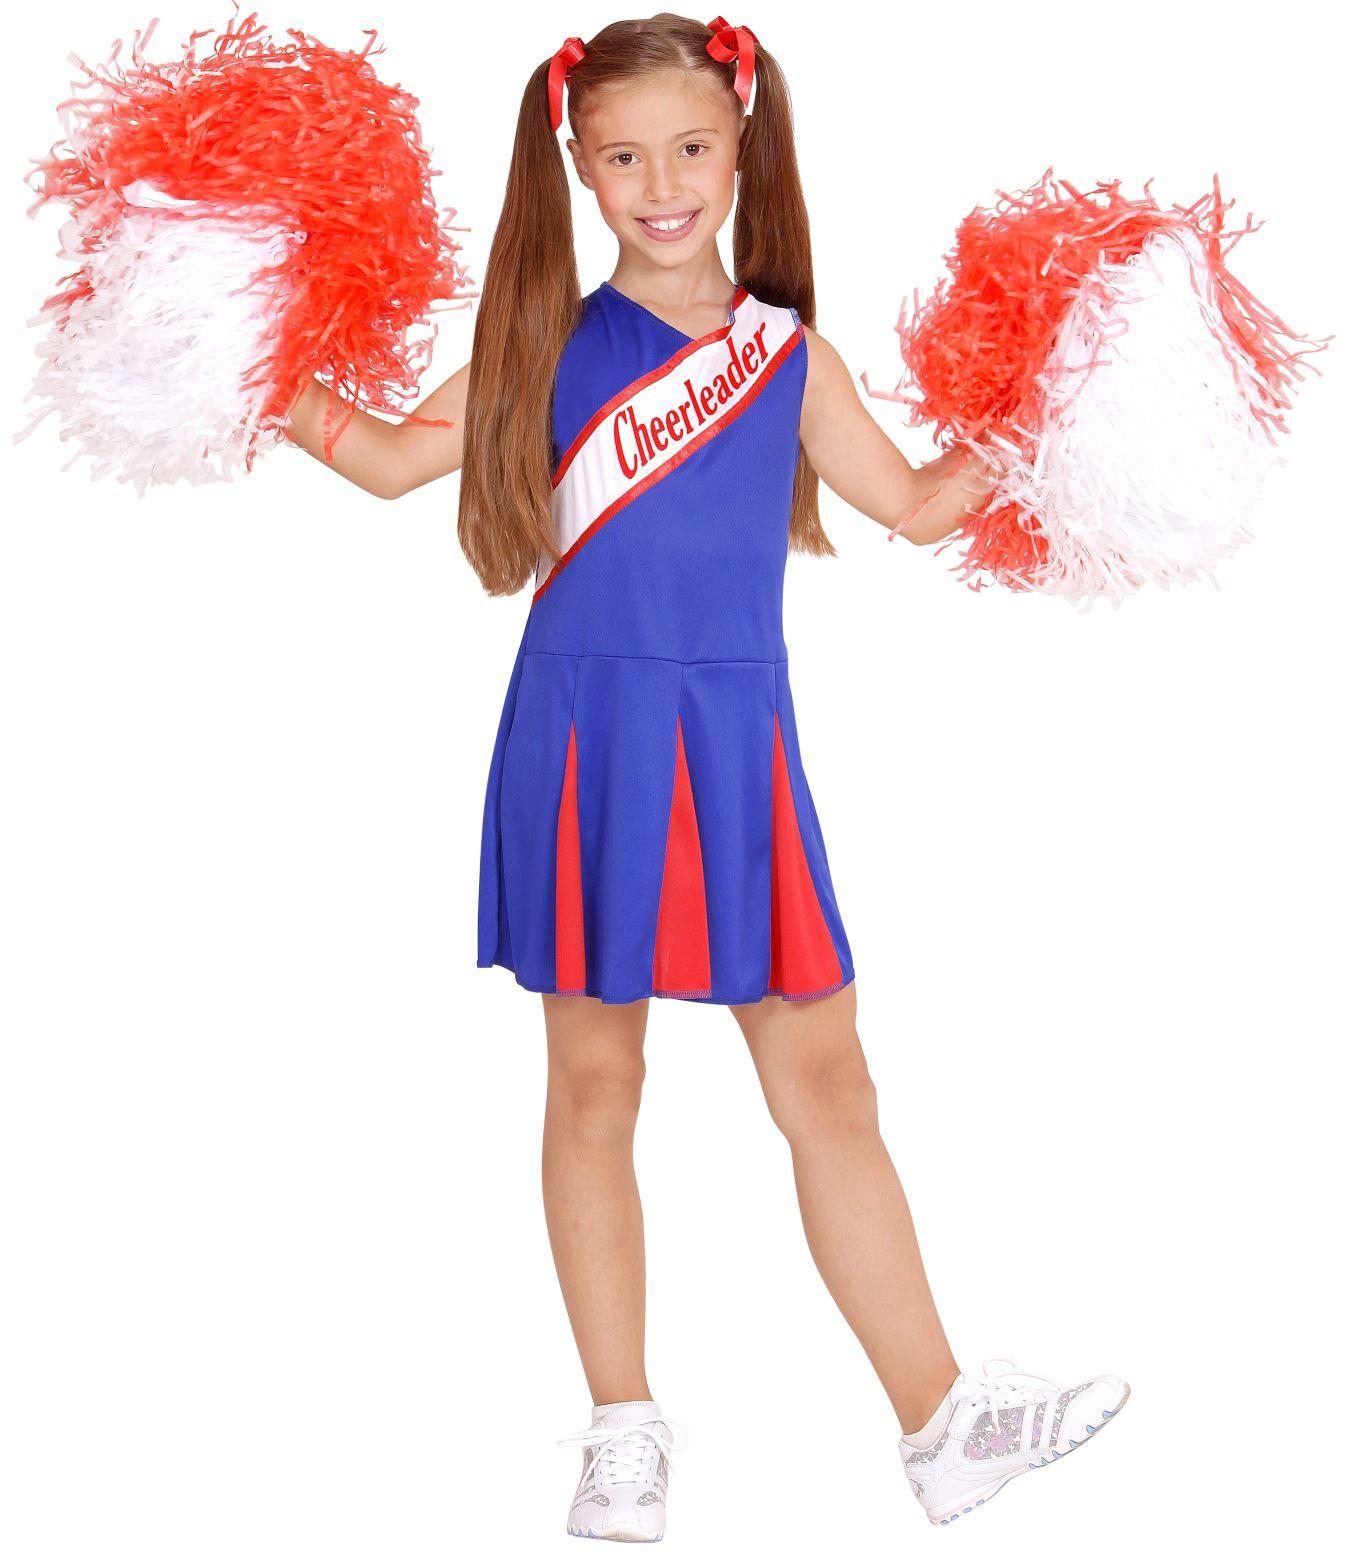 Cheerleader kind blauw rood